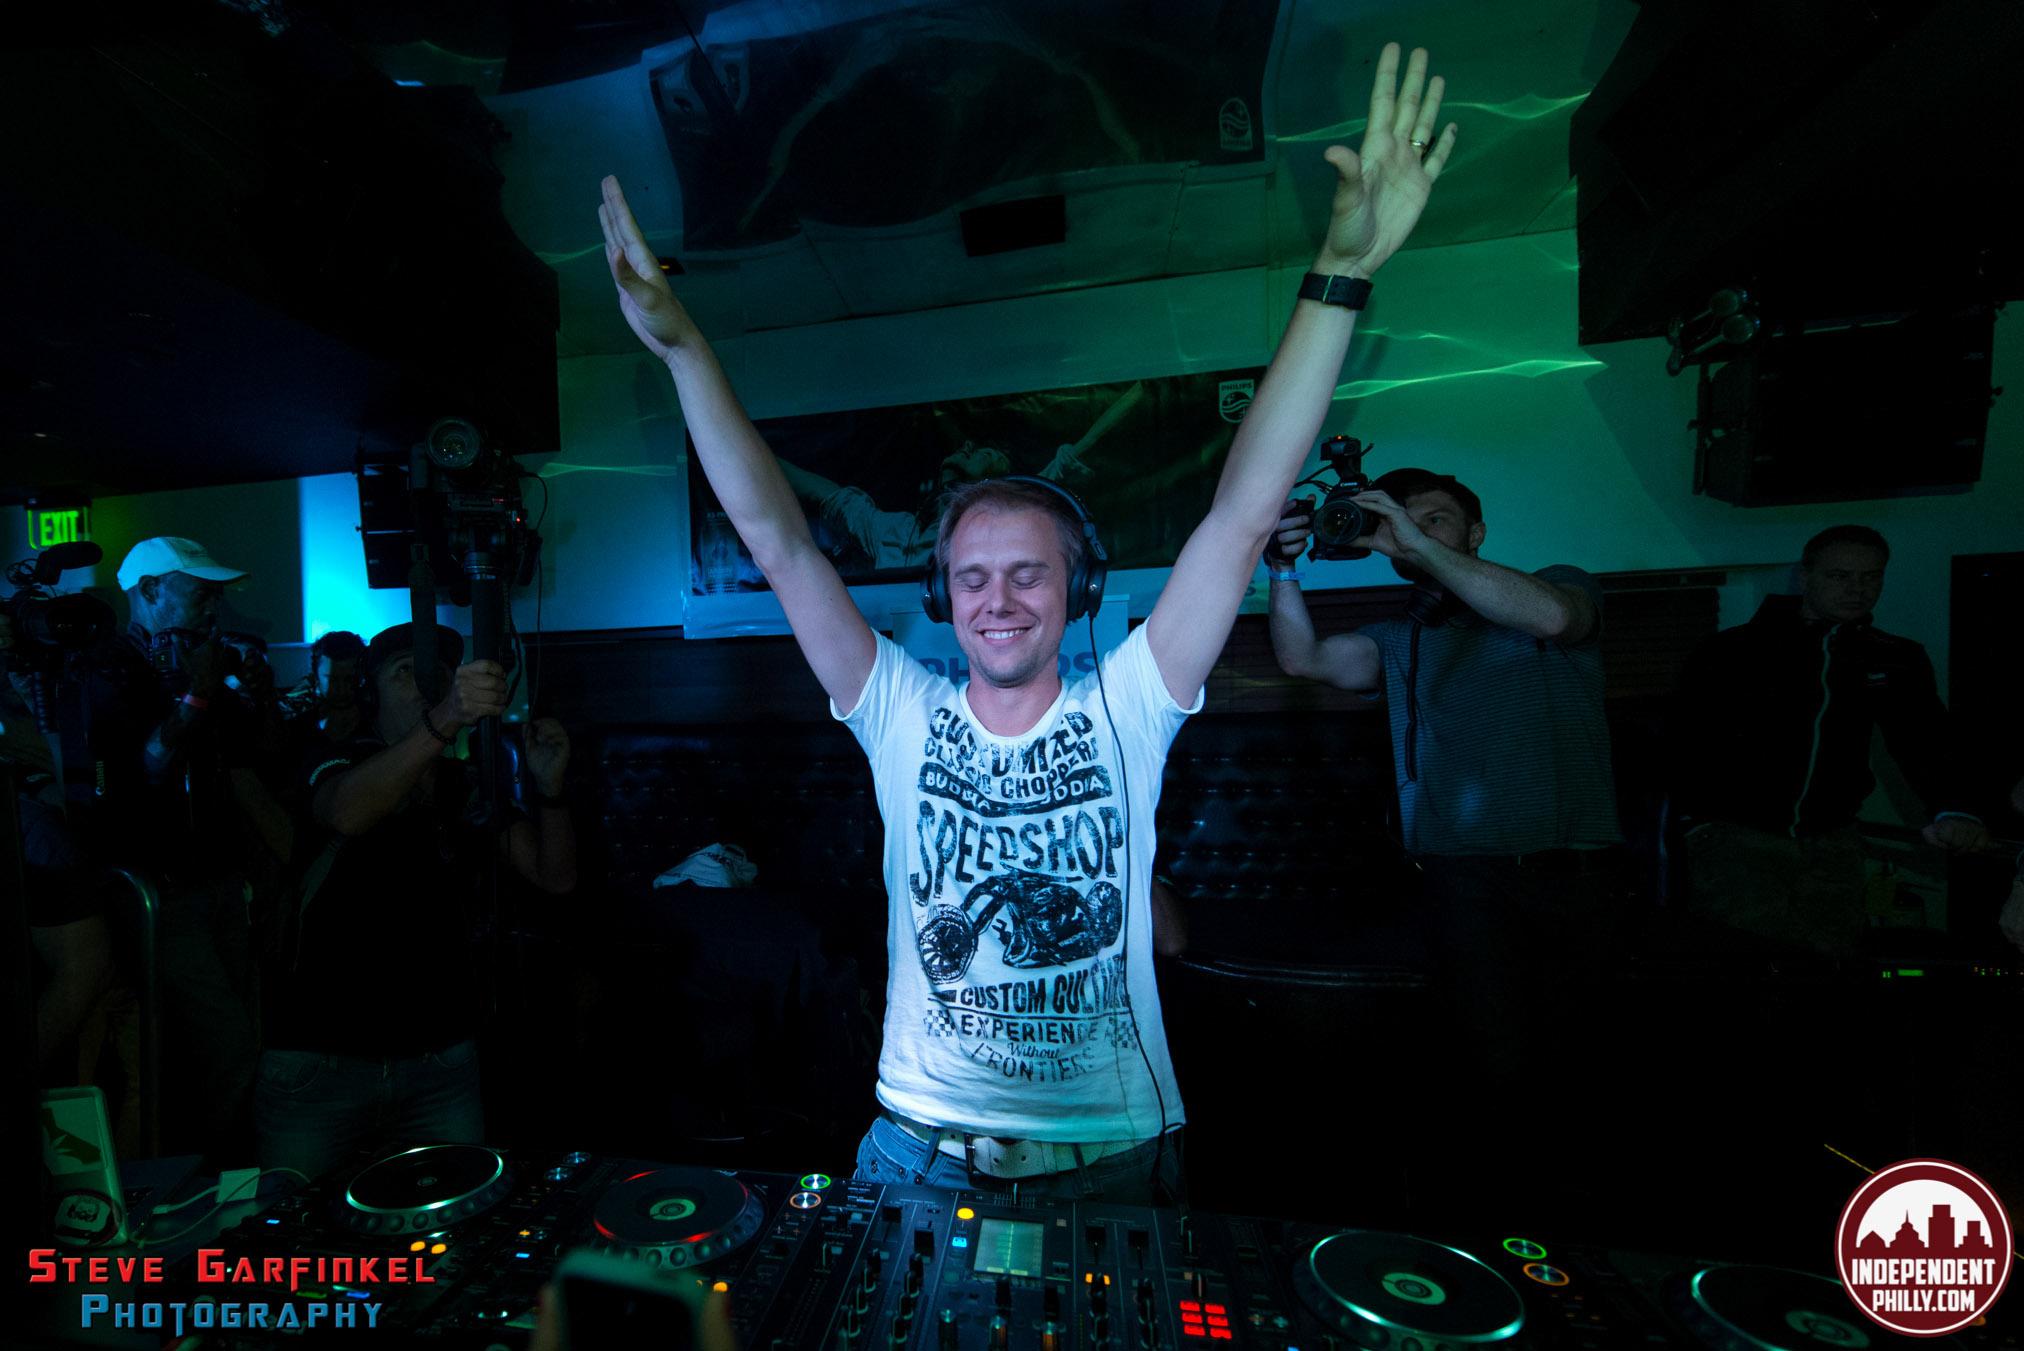 Armin-47